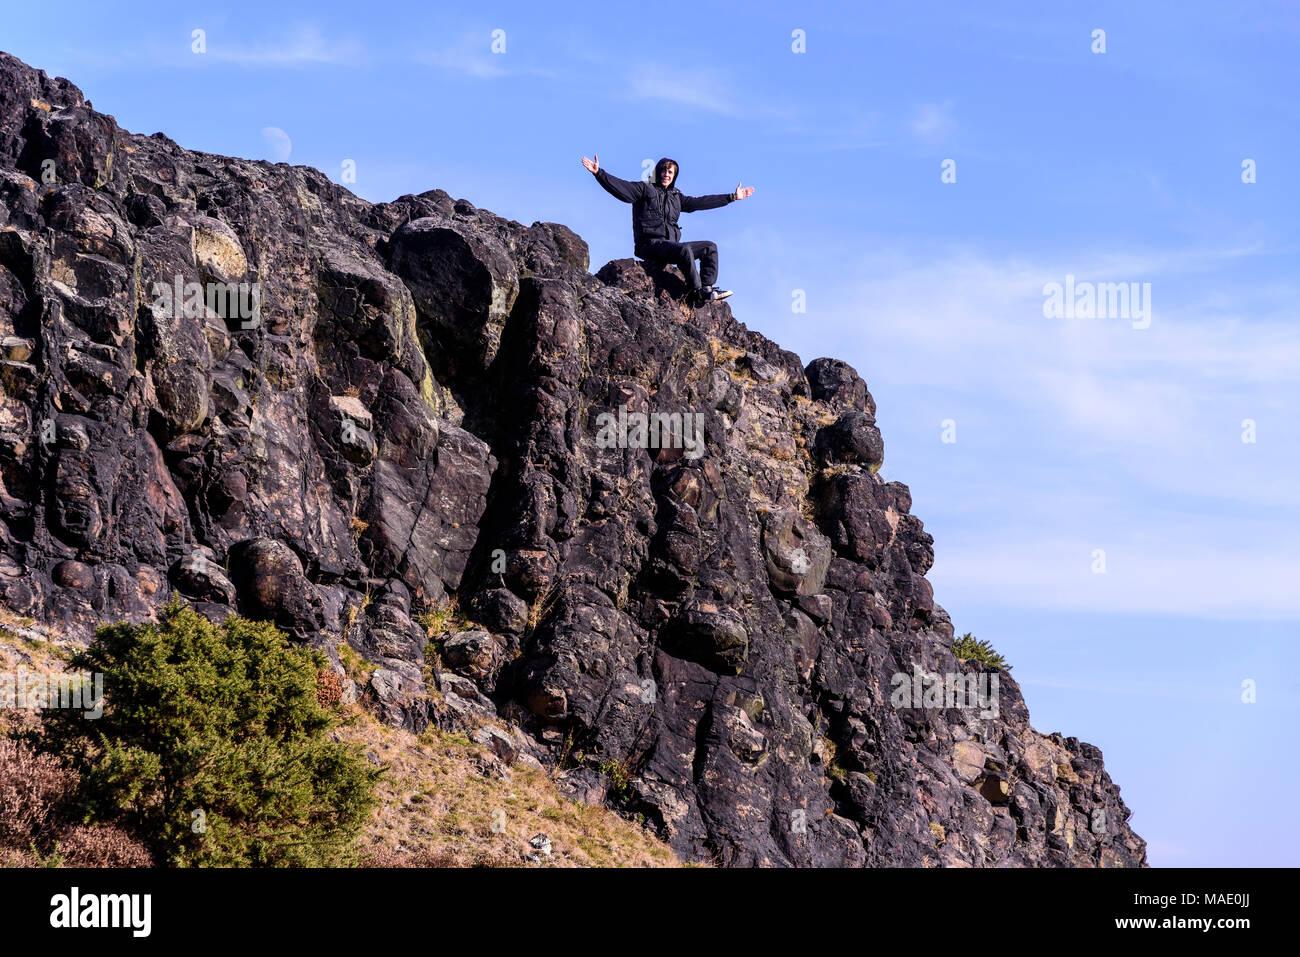 Jugend feiert Kletterhügel. Stockbild